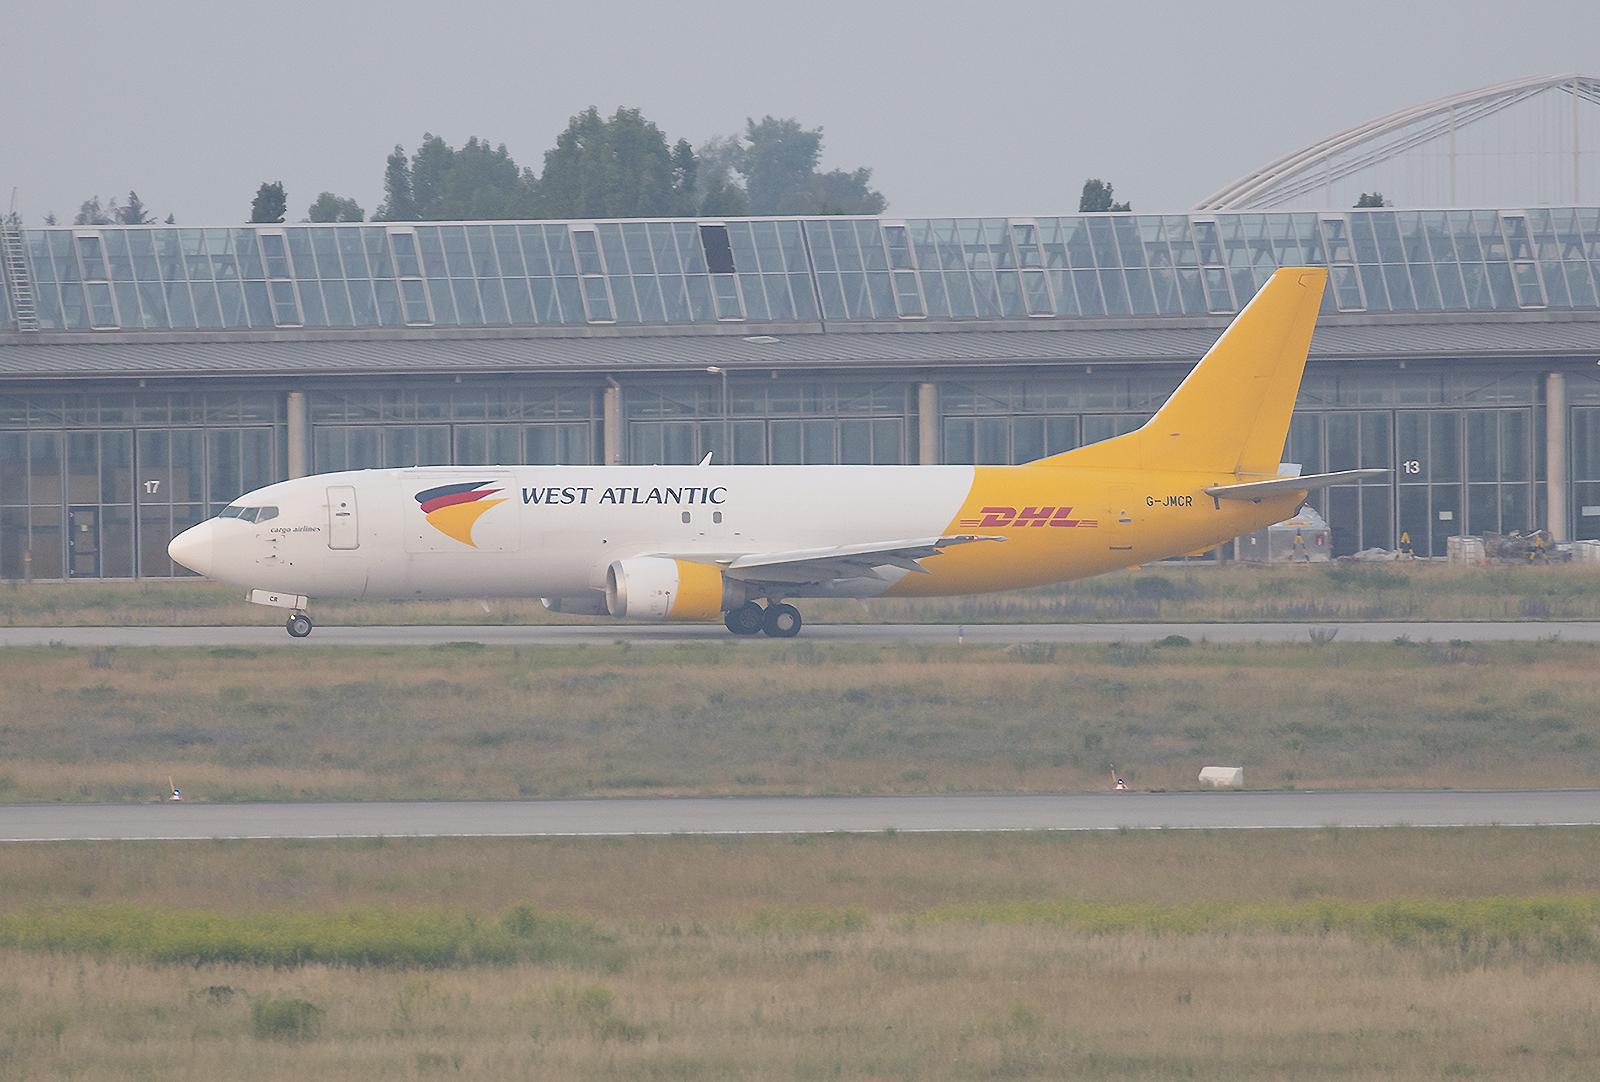 Boeing 737-4Q8(SF) der West Atlantic aus Großbritannien. Vorbesitzer war Turkish Airlines.